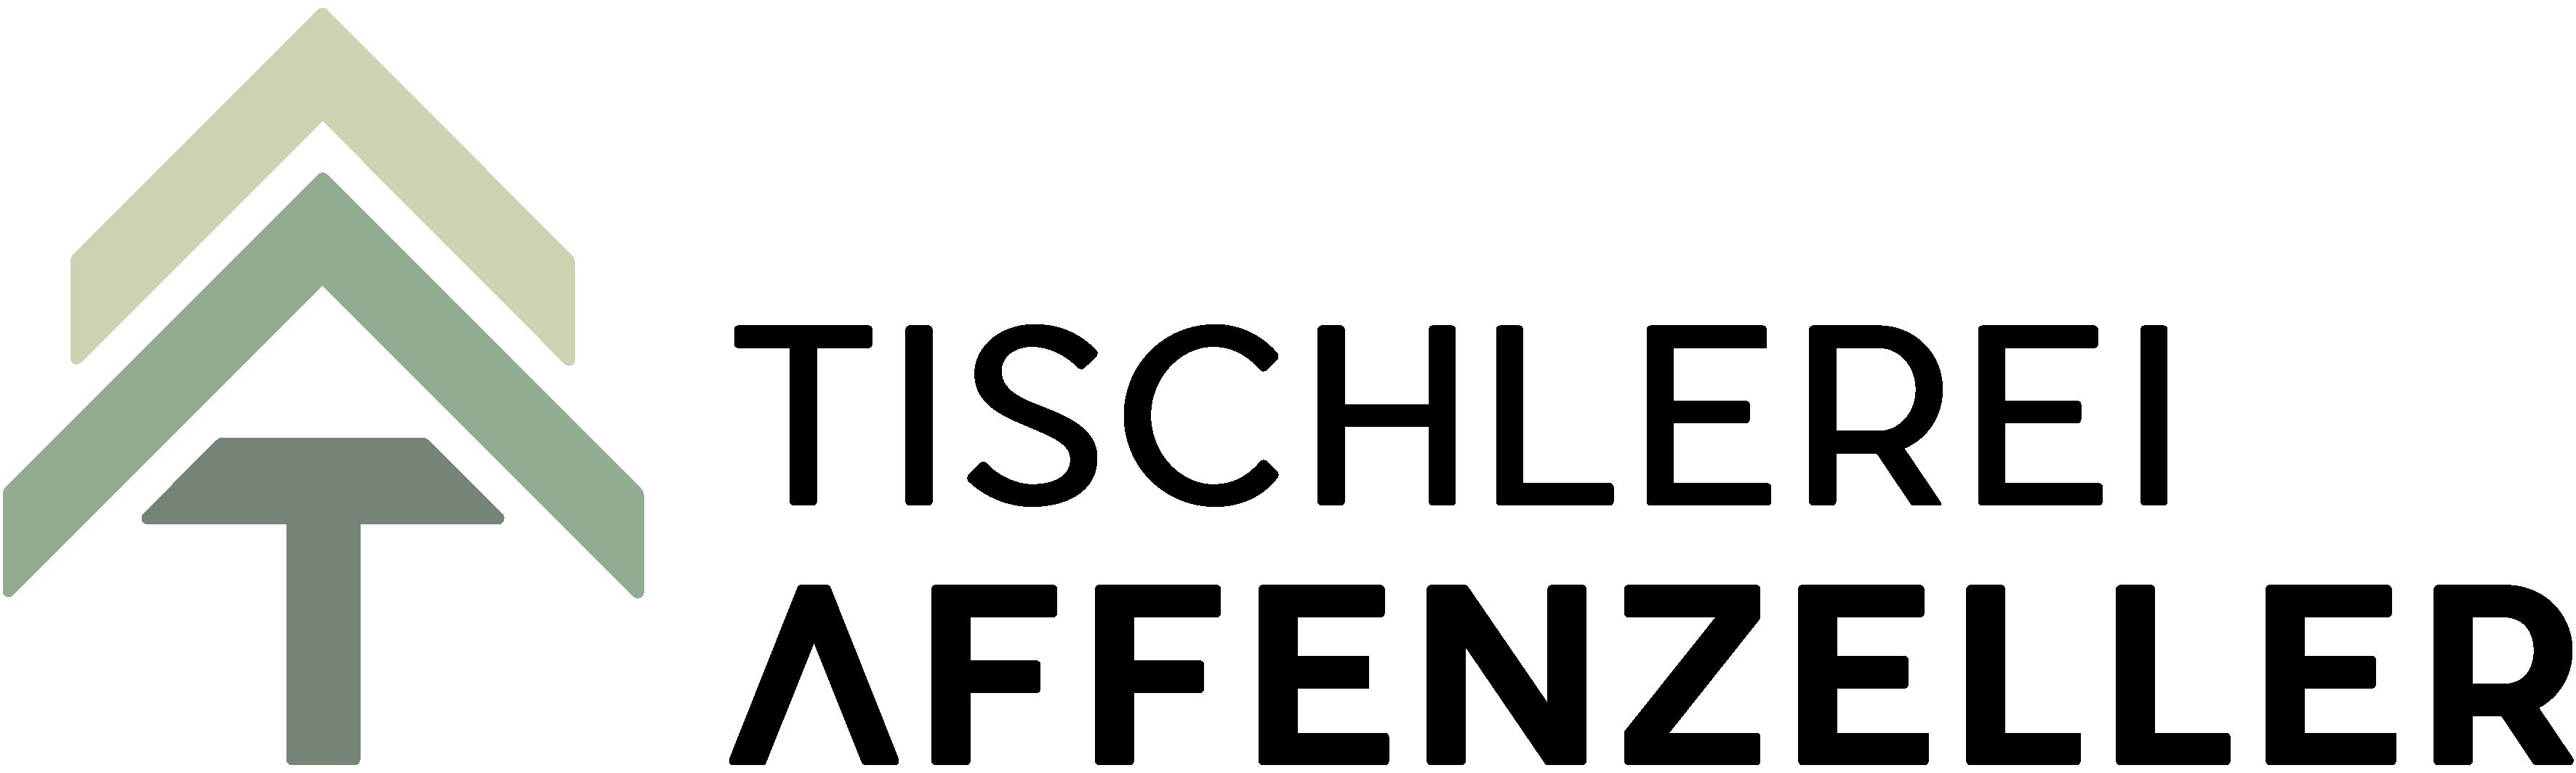 Tischlerei Affenzeller